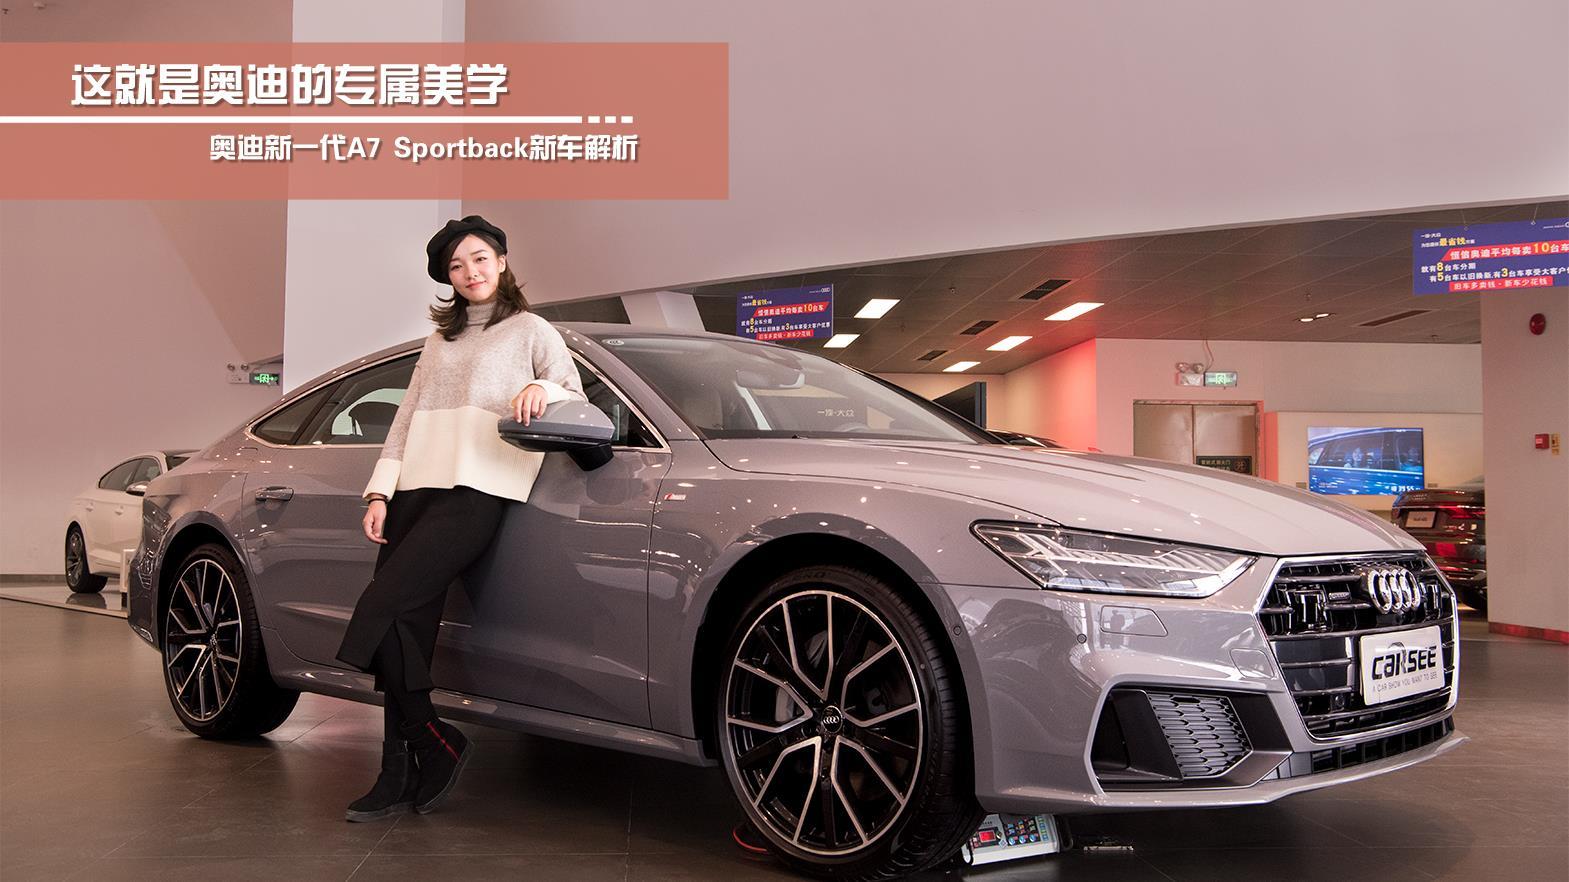 [买车课]奥迪的专属美学 新一代A7 Sportback新车解析